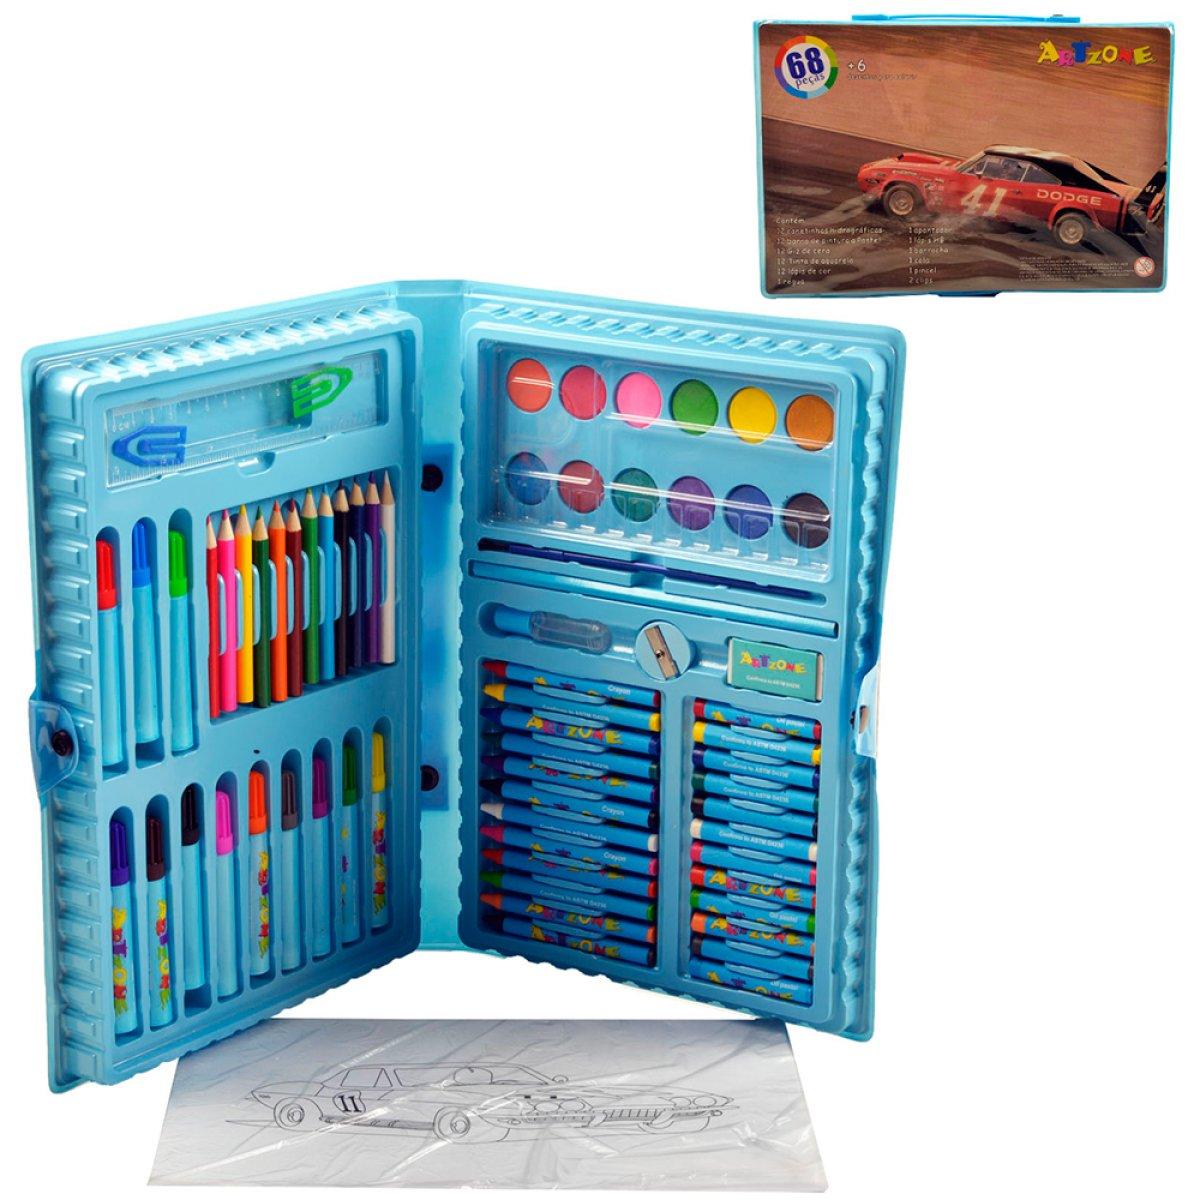 Kit Escolar 68 Peças Azul